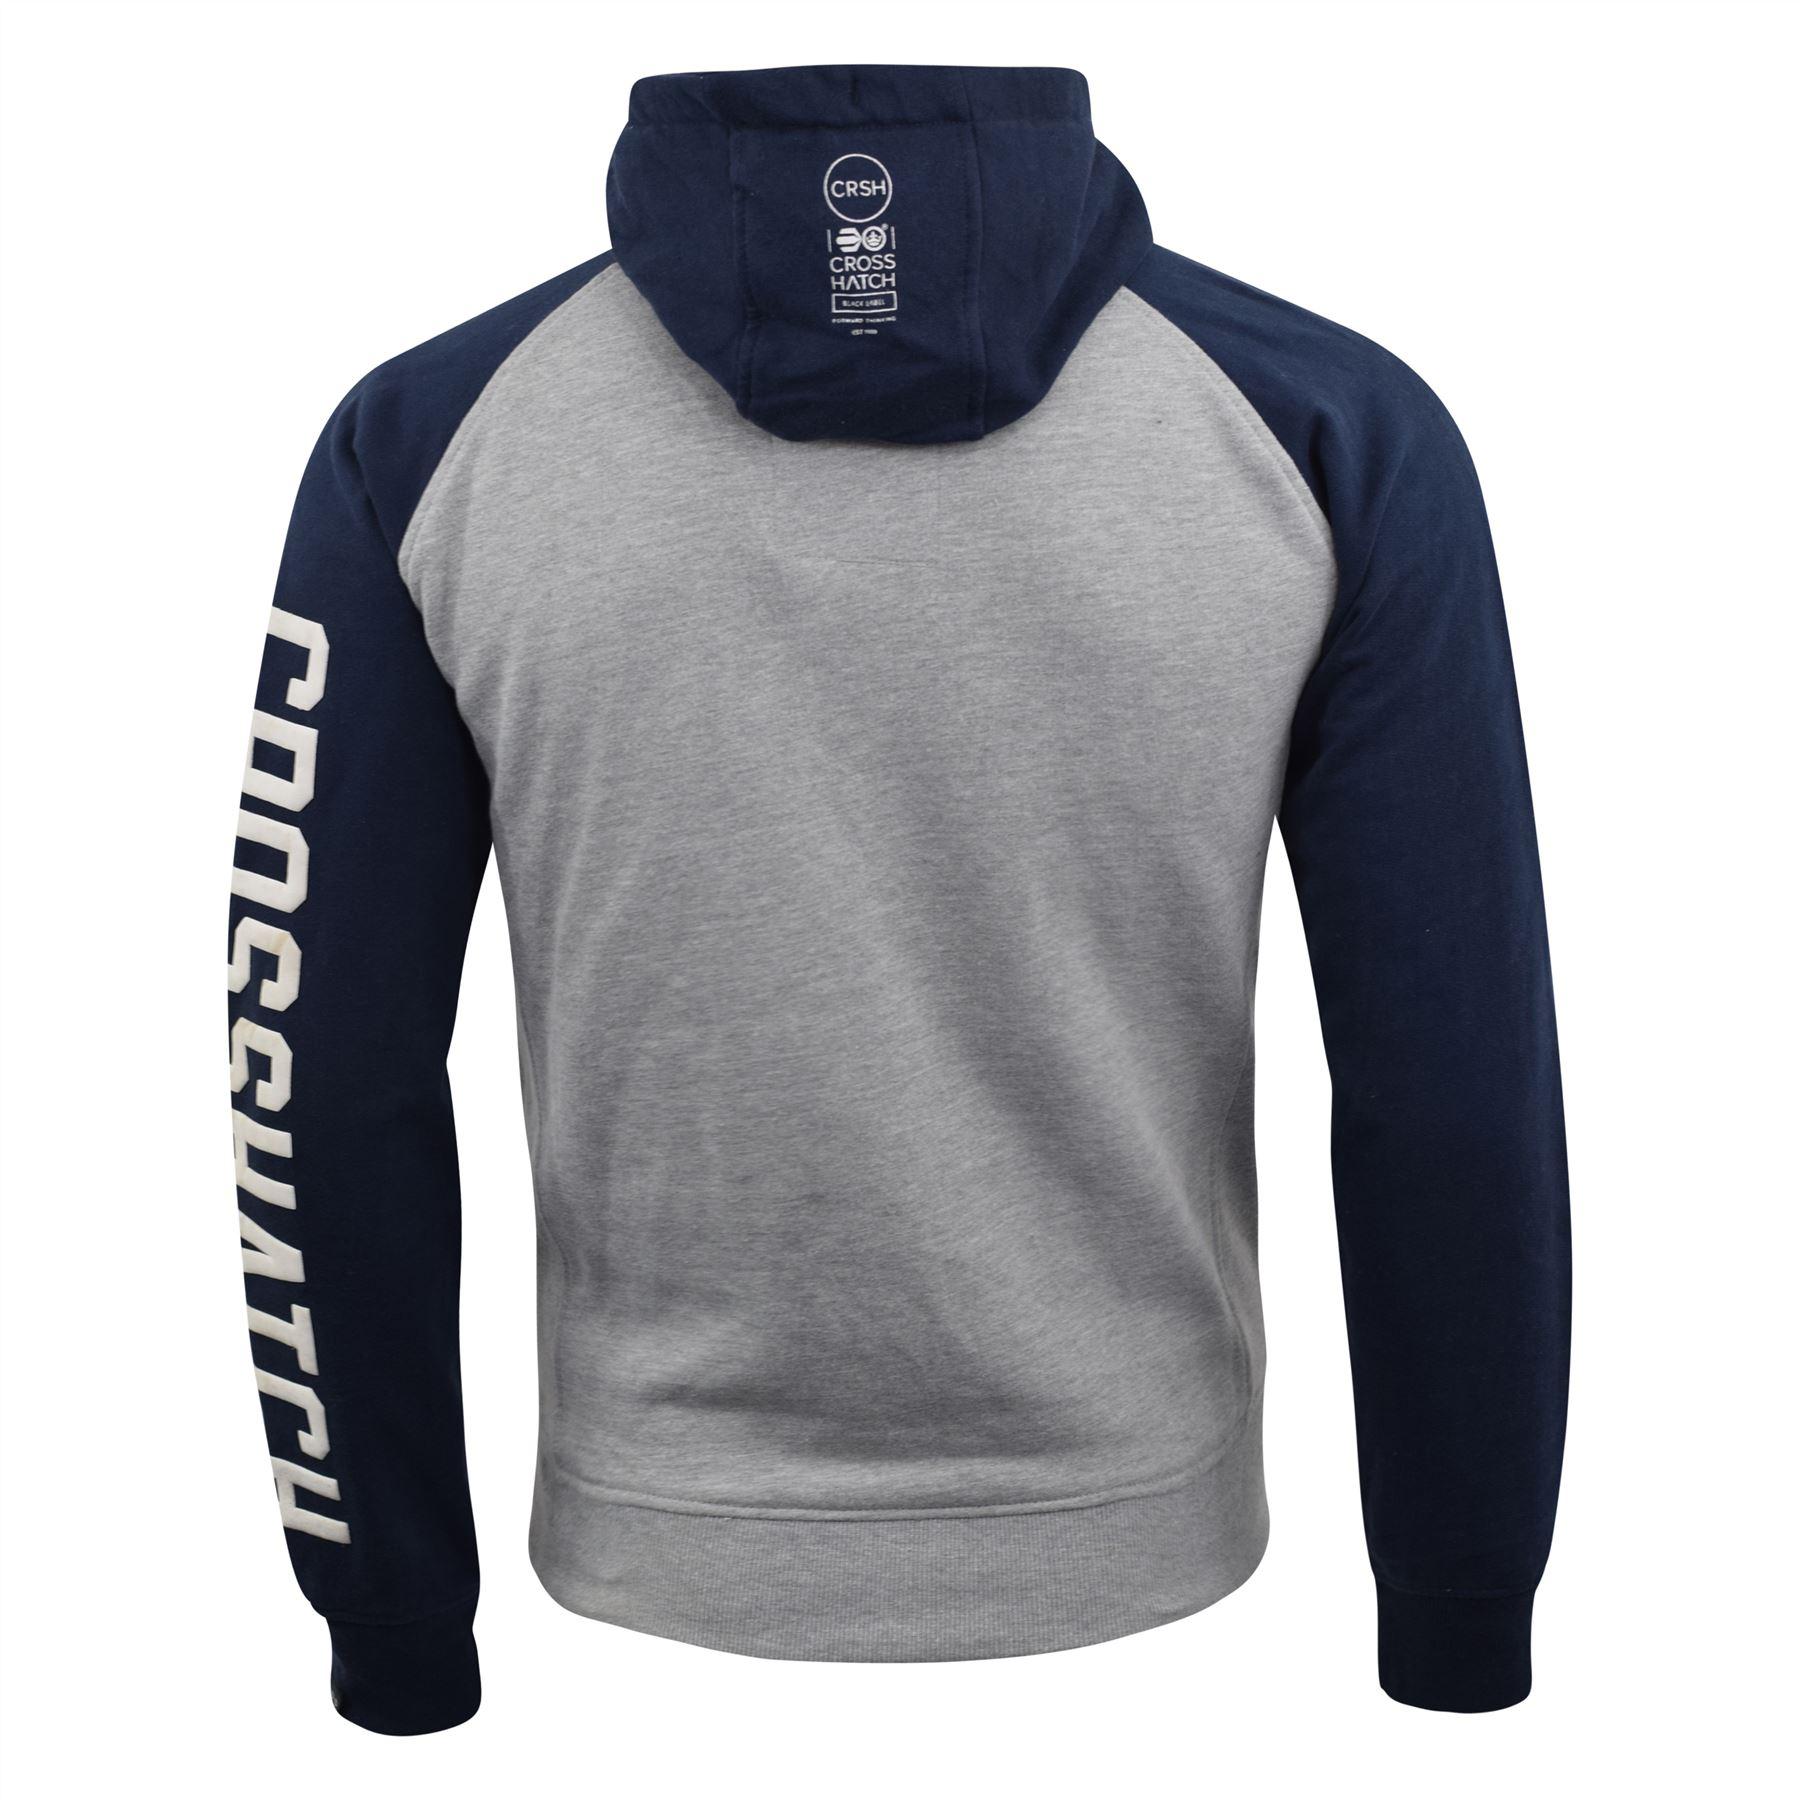 Mens-Hoodie-Crosshatch-Sweatshirt-Hooded-Jumper-Top-Pullover-TEMPTONS thumbnail 7